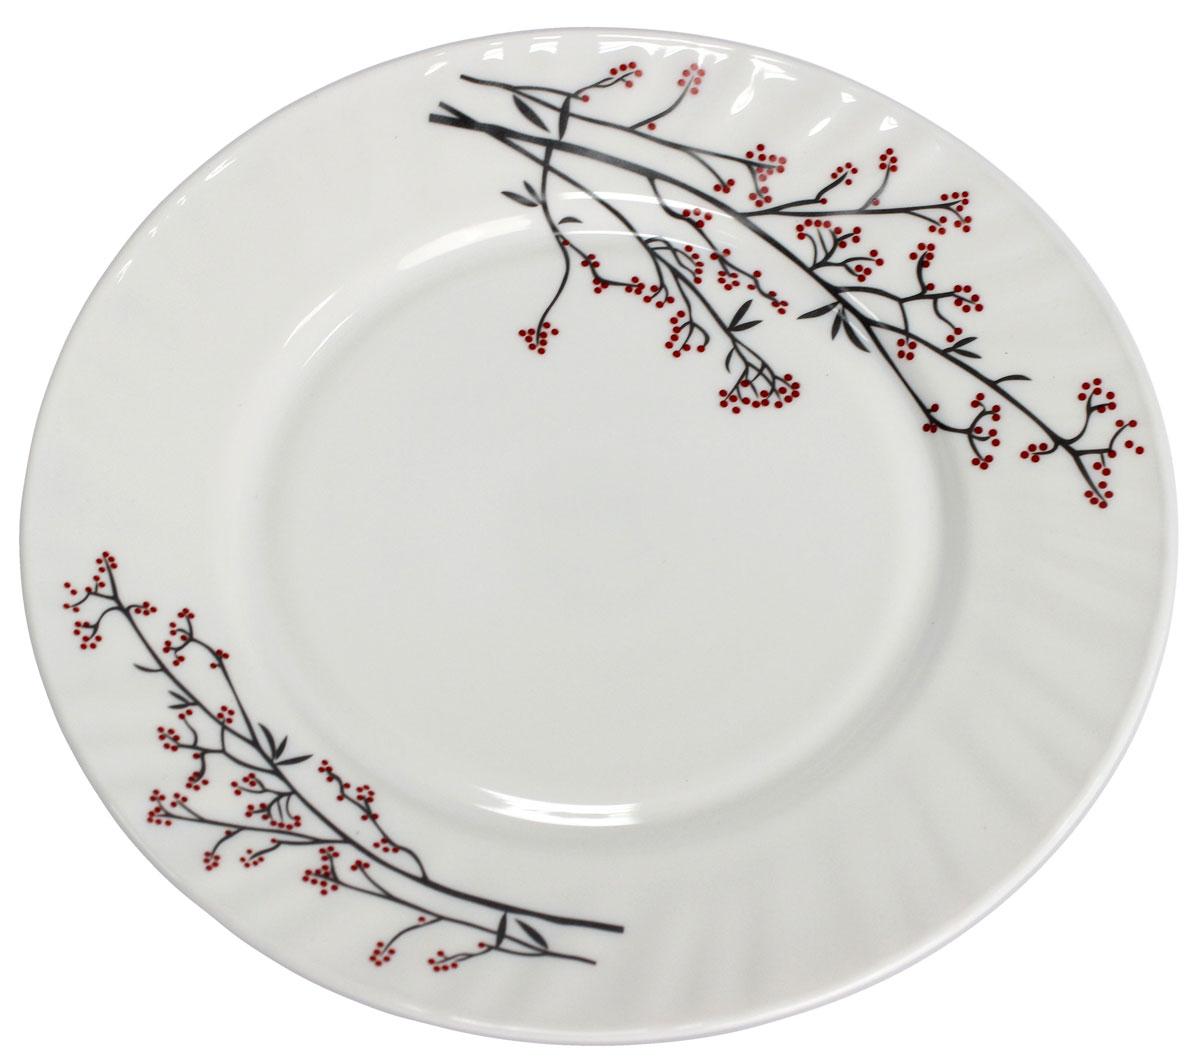 Тарелка десертная Марисса, 17,7 см. 818917818917Тарелка десертная Марисса изготовлена из опалового стекла. Тарелка - важнейший предмет любого застолья. Изделие выполнено в белом цвете и оформлено красивым цветочным рисунком. Будучи во главе стола, она привлекает к себе основное внимание. А это значит - рисунок, цвет и материал играют немаловажную роль.